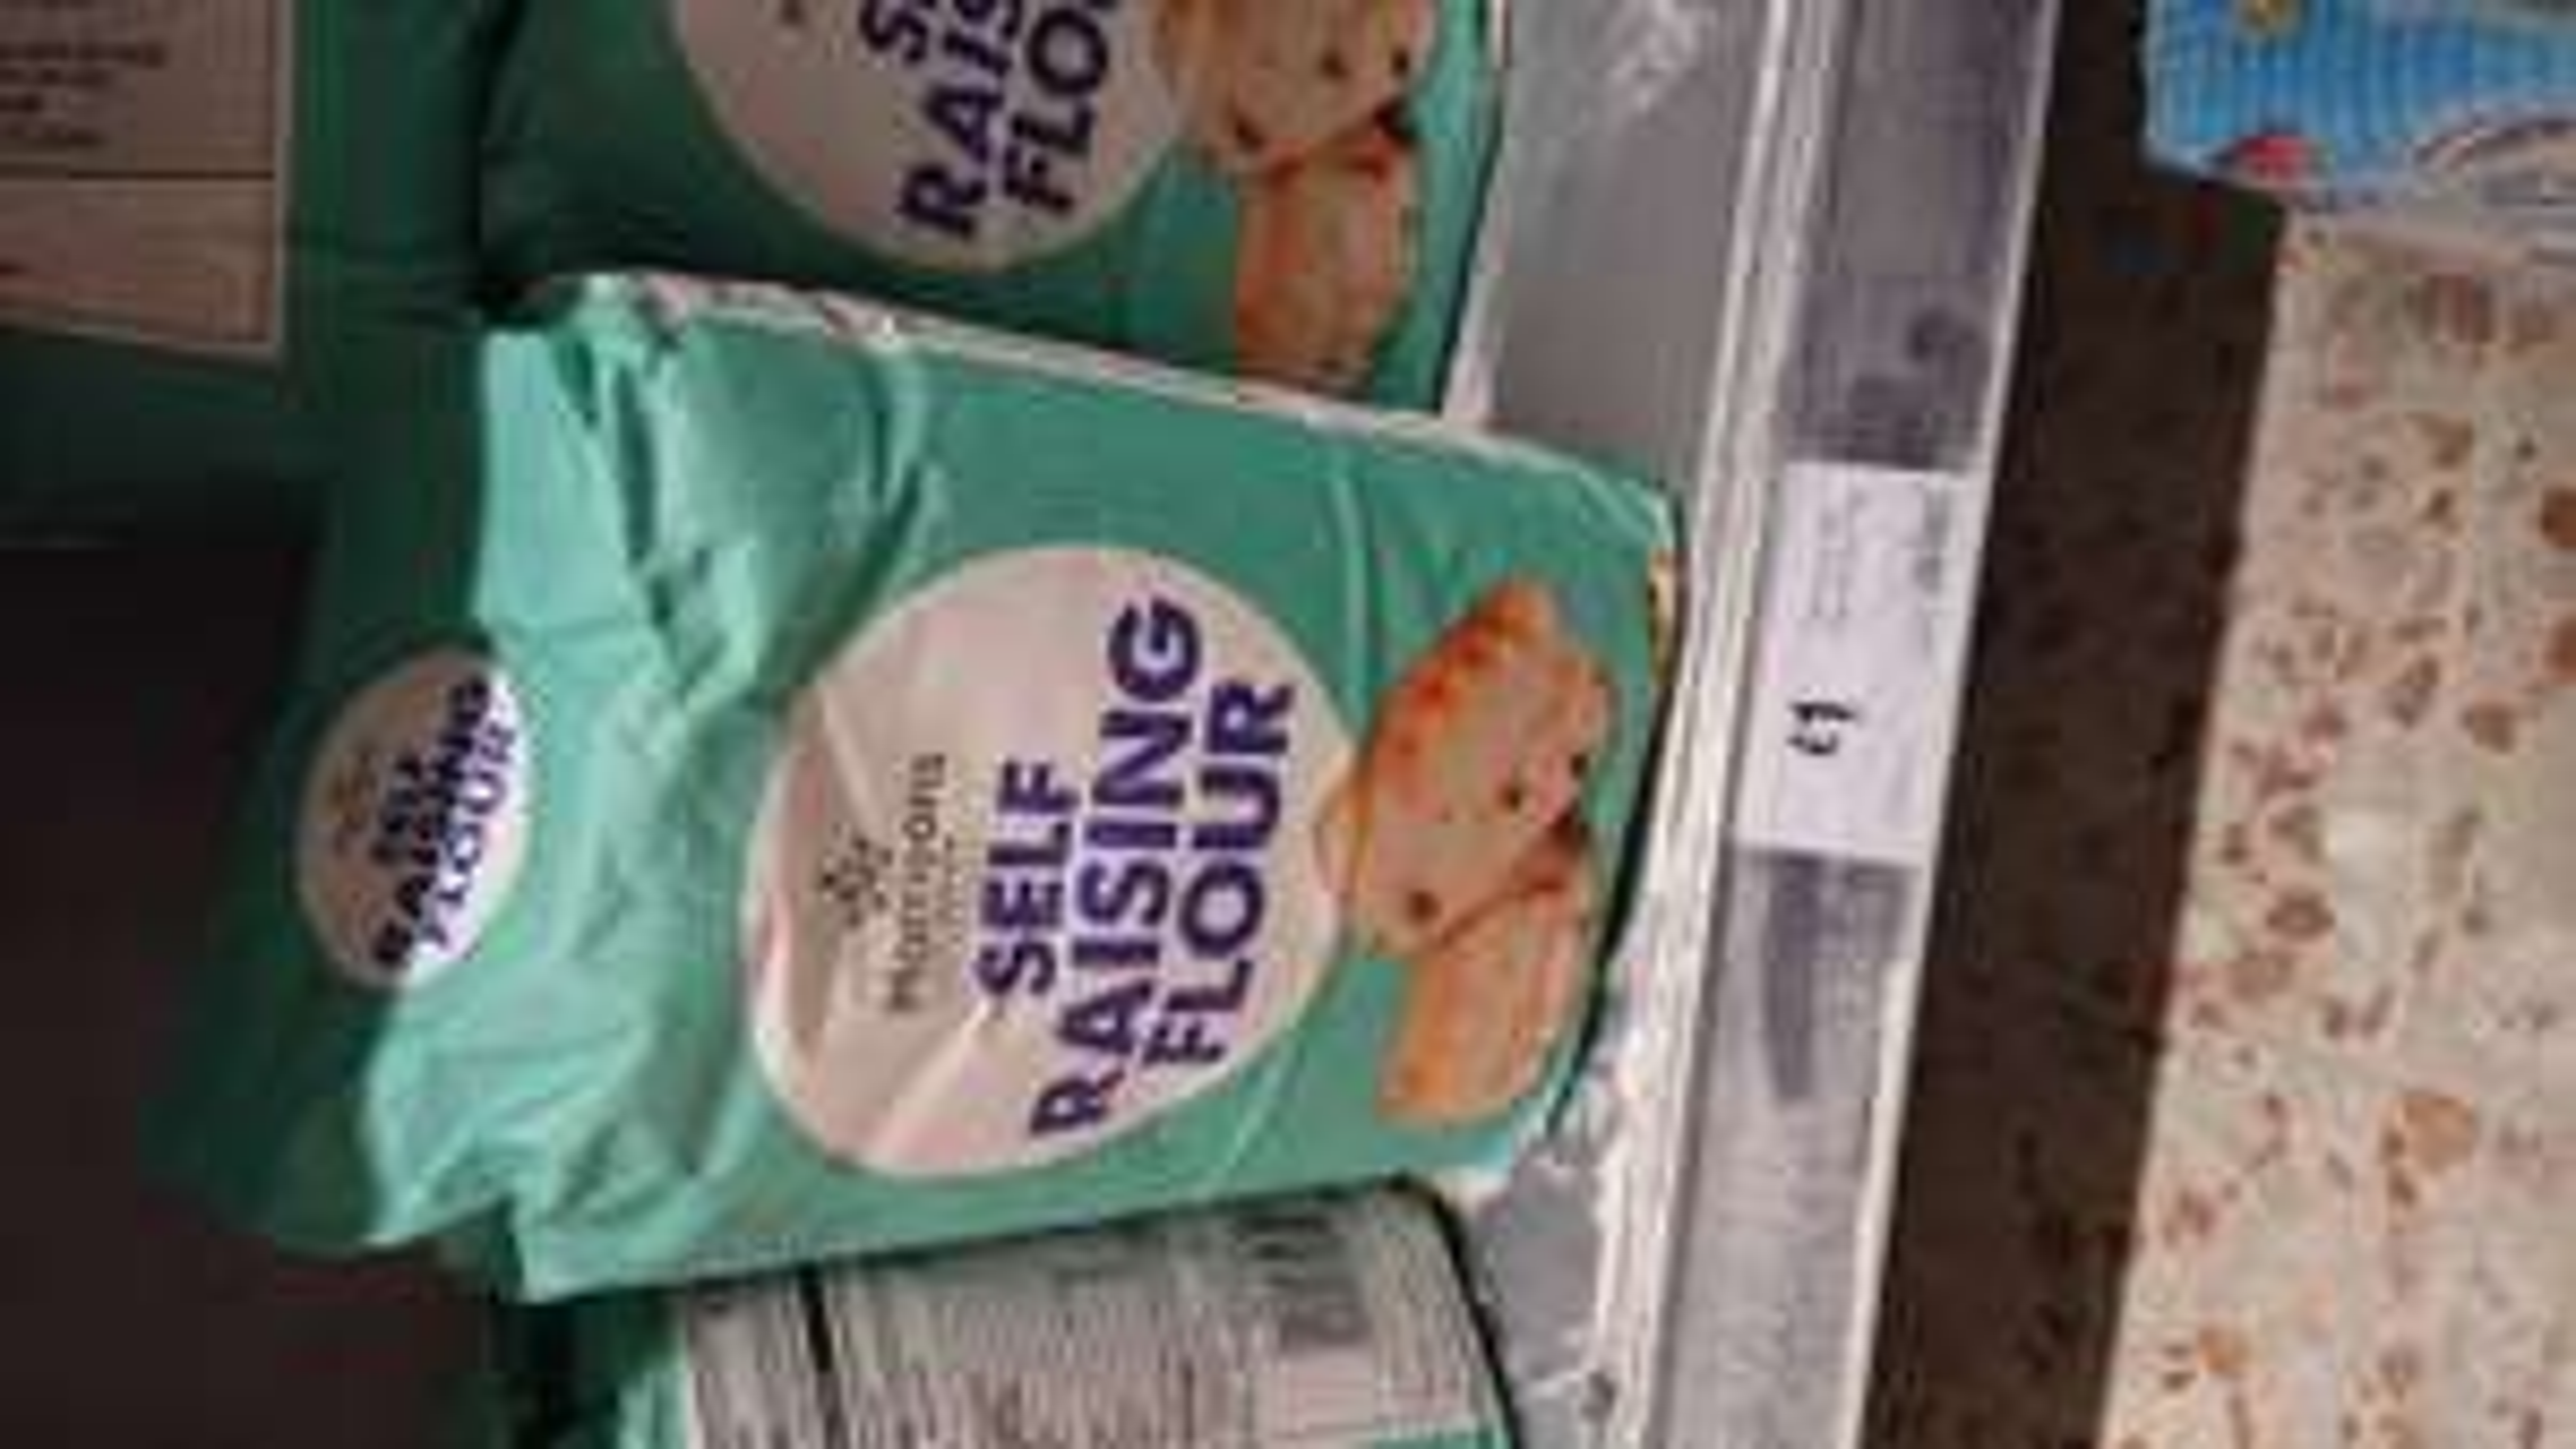 3kg Self Raising Flour and Plain Flour at Morrisons for £1